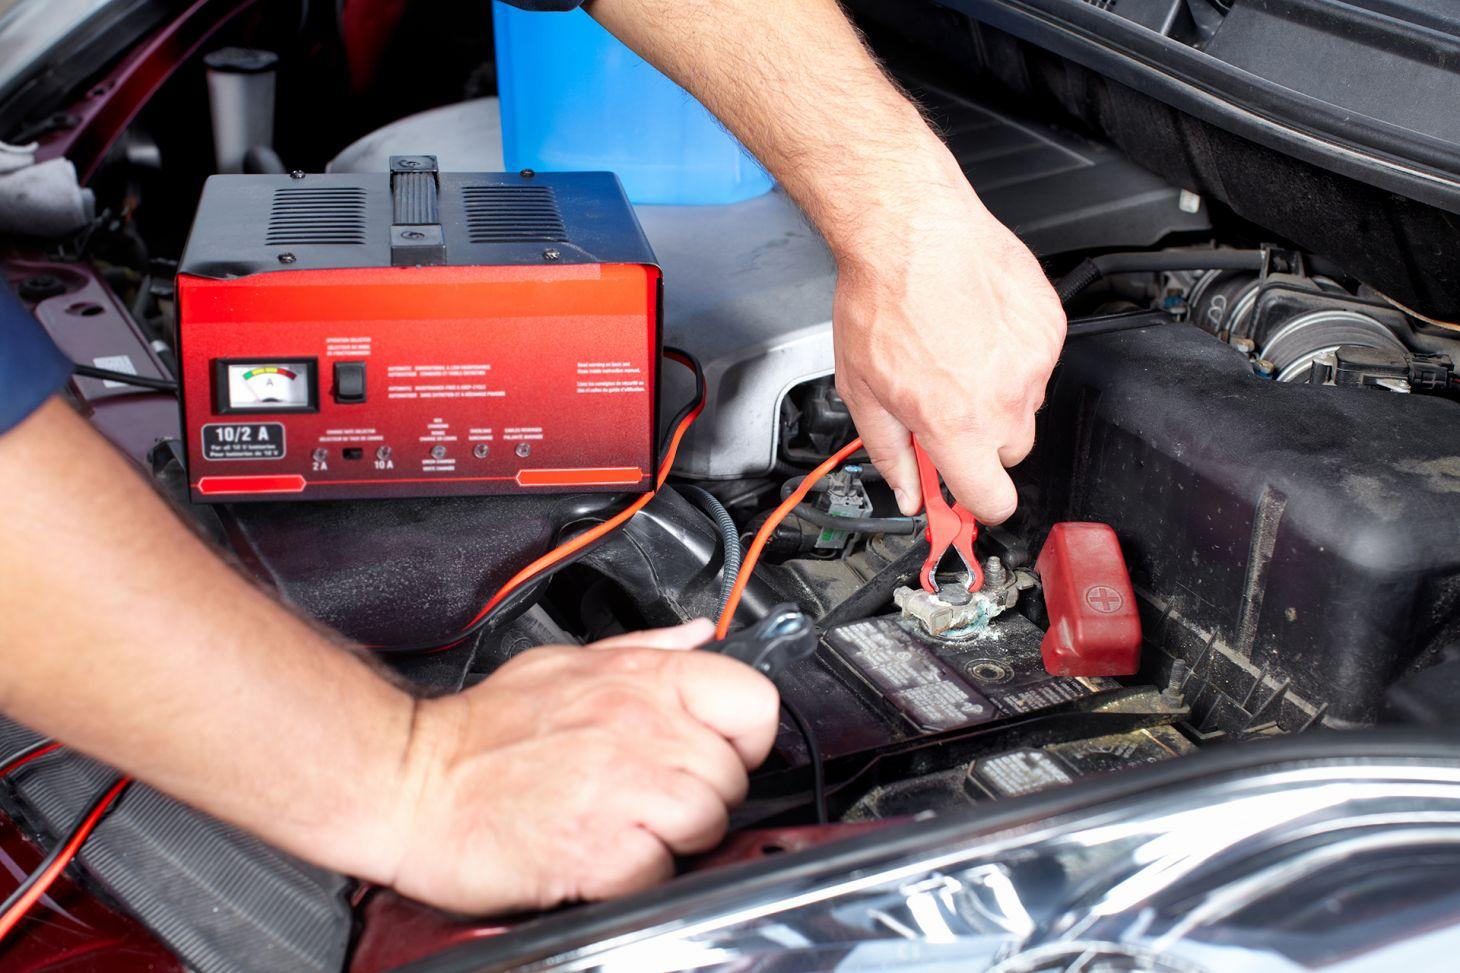 pessoa conecta cabos de um carregador portatil nos terminais da bateria no motor de um carro